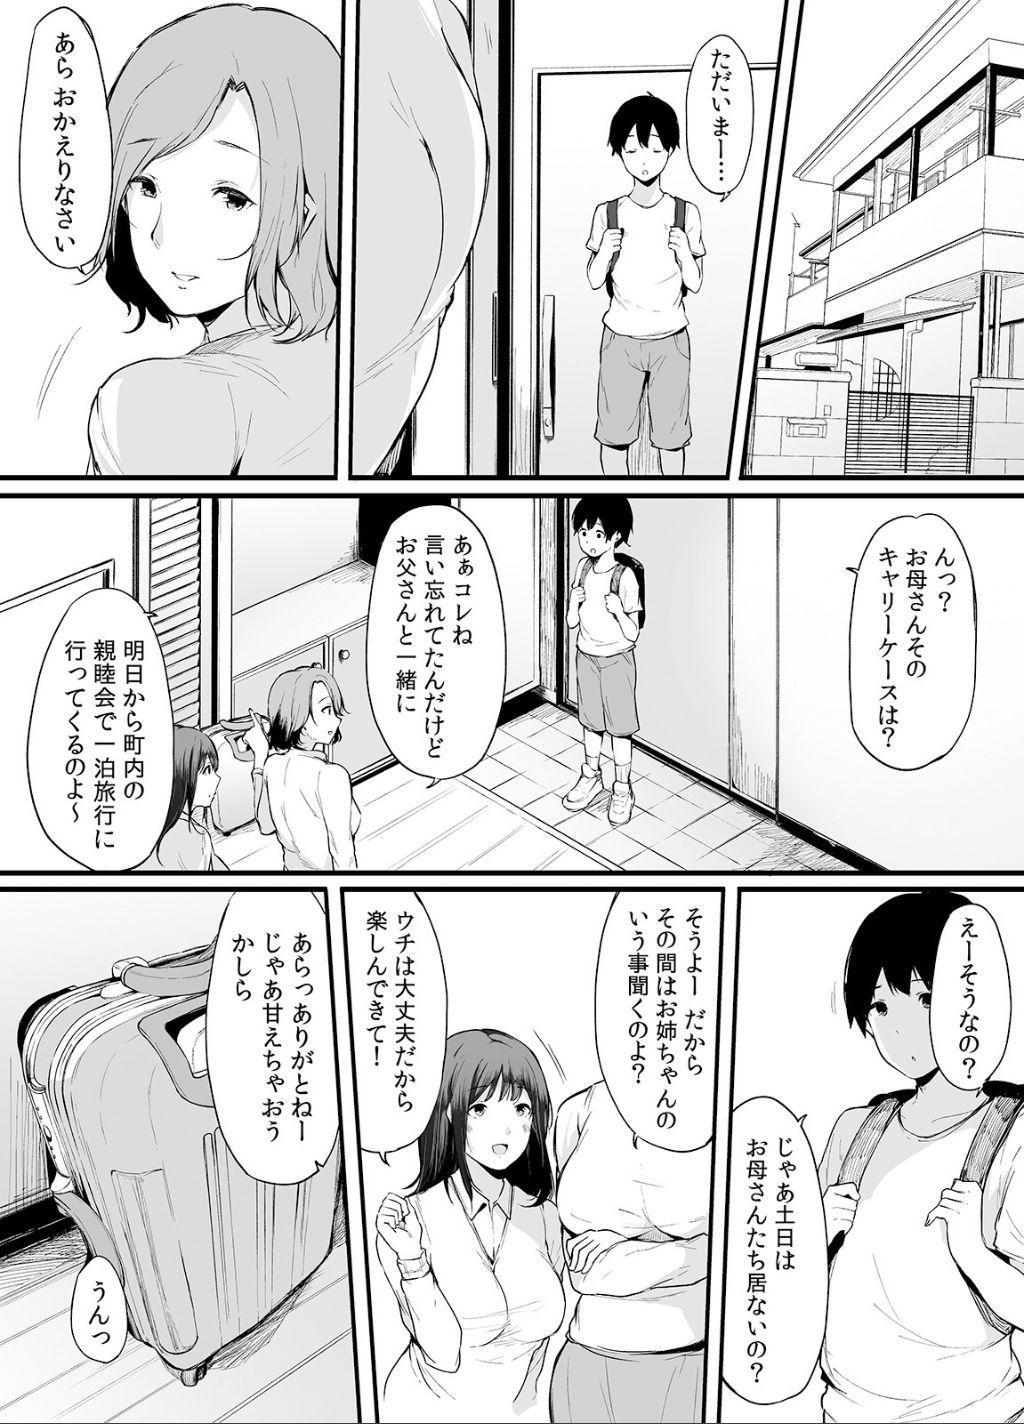 Otouto ni Ero Manga to Onaji Koto o Sare Chau o Nee-chan no Hanashi 2 4